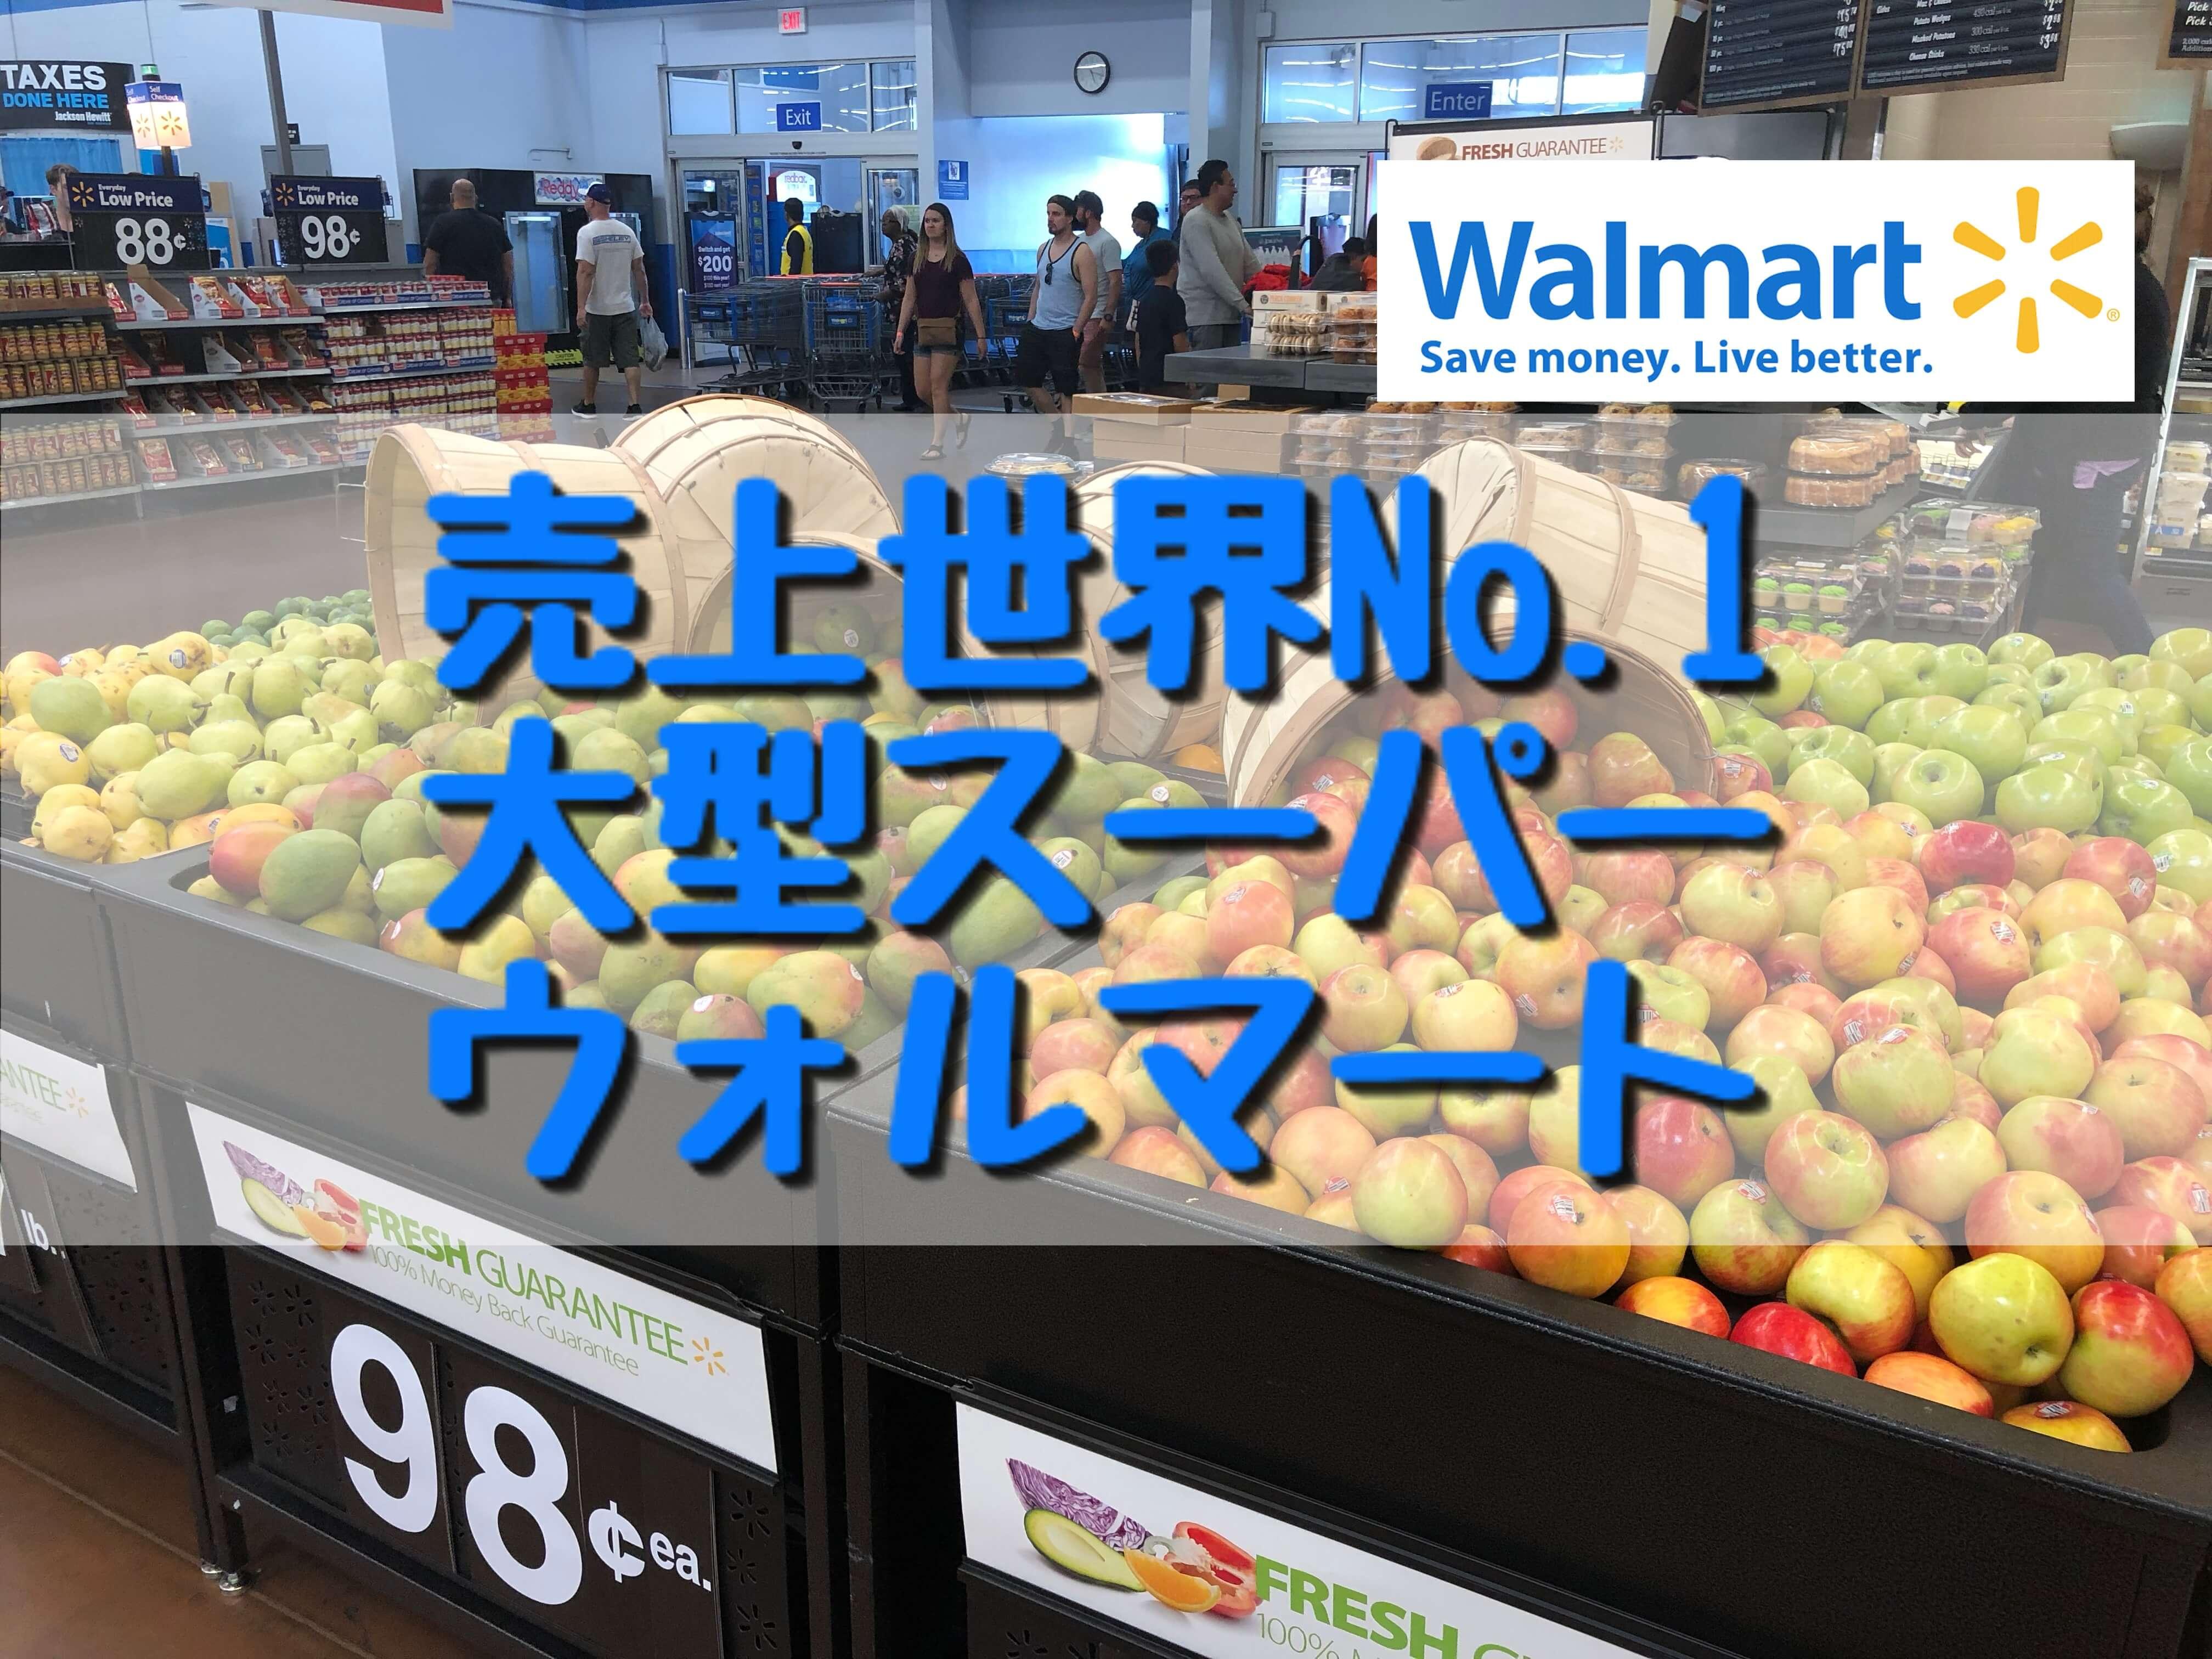 【ラスベガス】ウォルマートWalmartの行き方とお土産を紹介